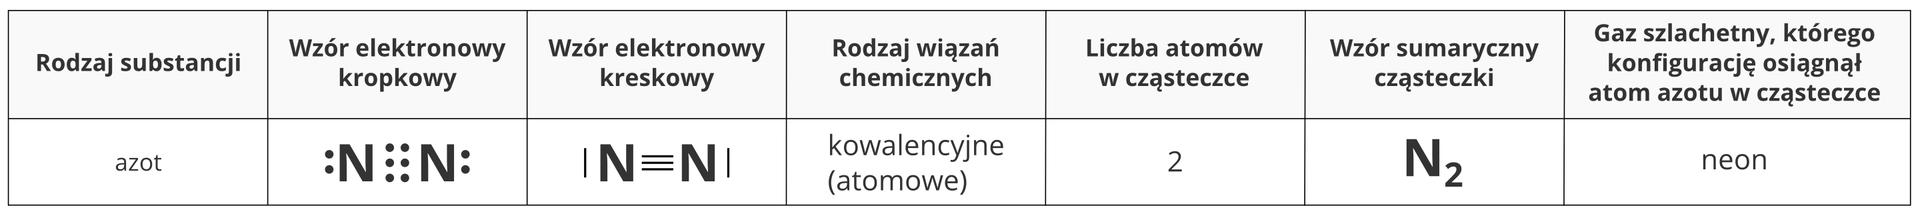 Ilustracja przedstawia tabelę zestawiającą ze sobą cechy isposoby zapisu dwuatomowej cząsteczki azotu. Licząc od lewej strony kolejno wyszczególniane wtabeli elementy to wzór elektronowy kropkowy cząsteczki, wzór elektronowy kreskowy, rodzaj wiązań chemicznych - wtym przypadku kowalencyjne, atomowy, liczba atomów wcząsteczce, wtym przypadku dwa, wzór sumaryczny cząsteczki N2 oraz nazwę gazu szlachetnego, którego konfigurację atom azotu osiąga wtej cząsteczce. Jest nim neon.